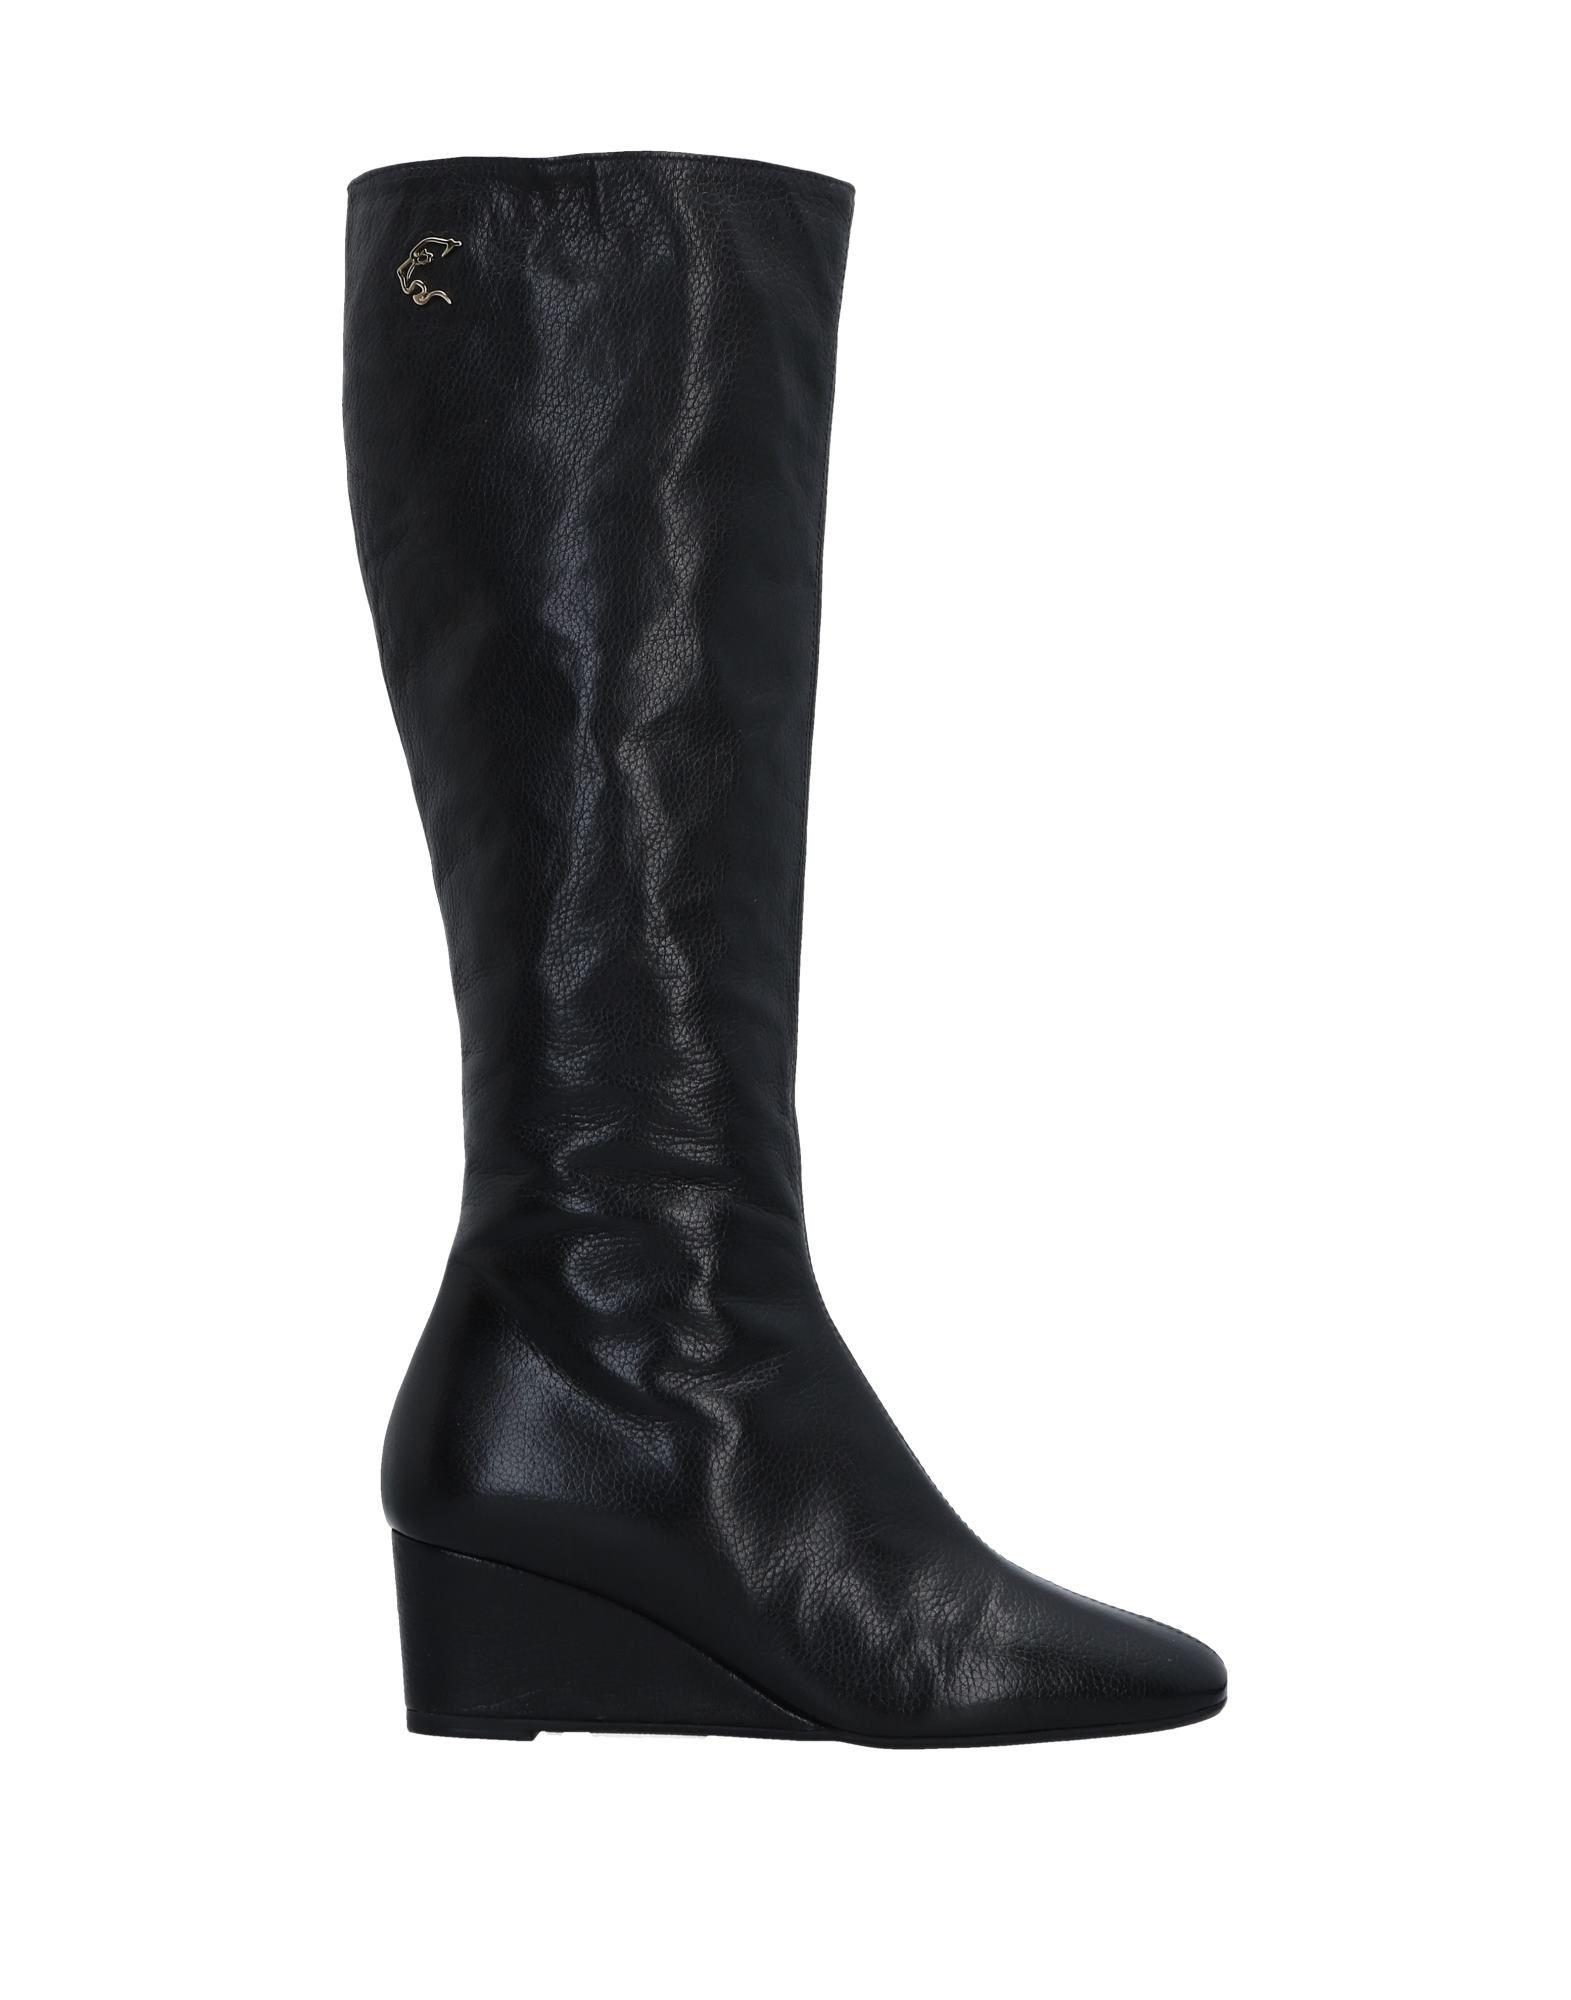 Sneakers Gaudì Uomo - 11464977SN Scarpe economiche e buone